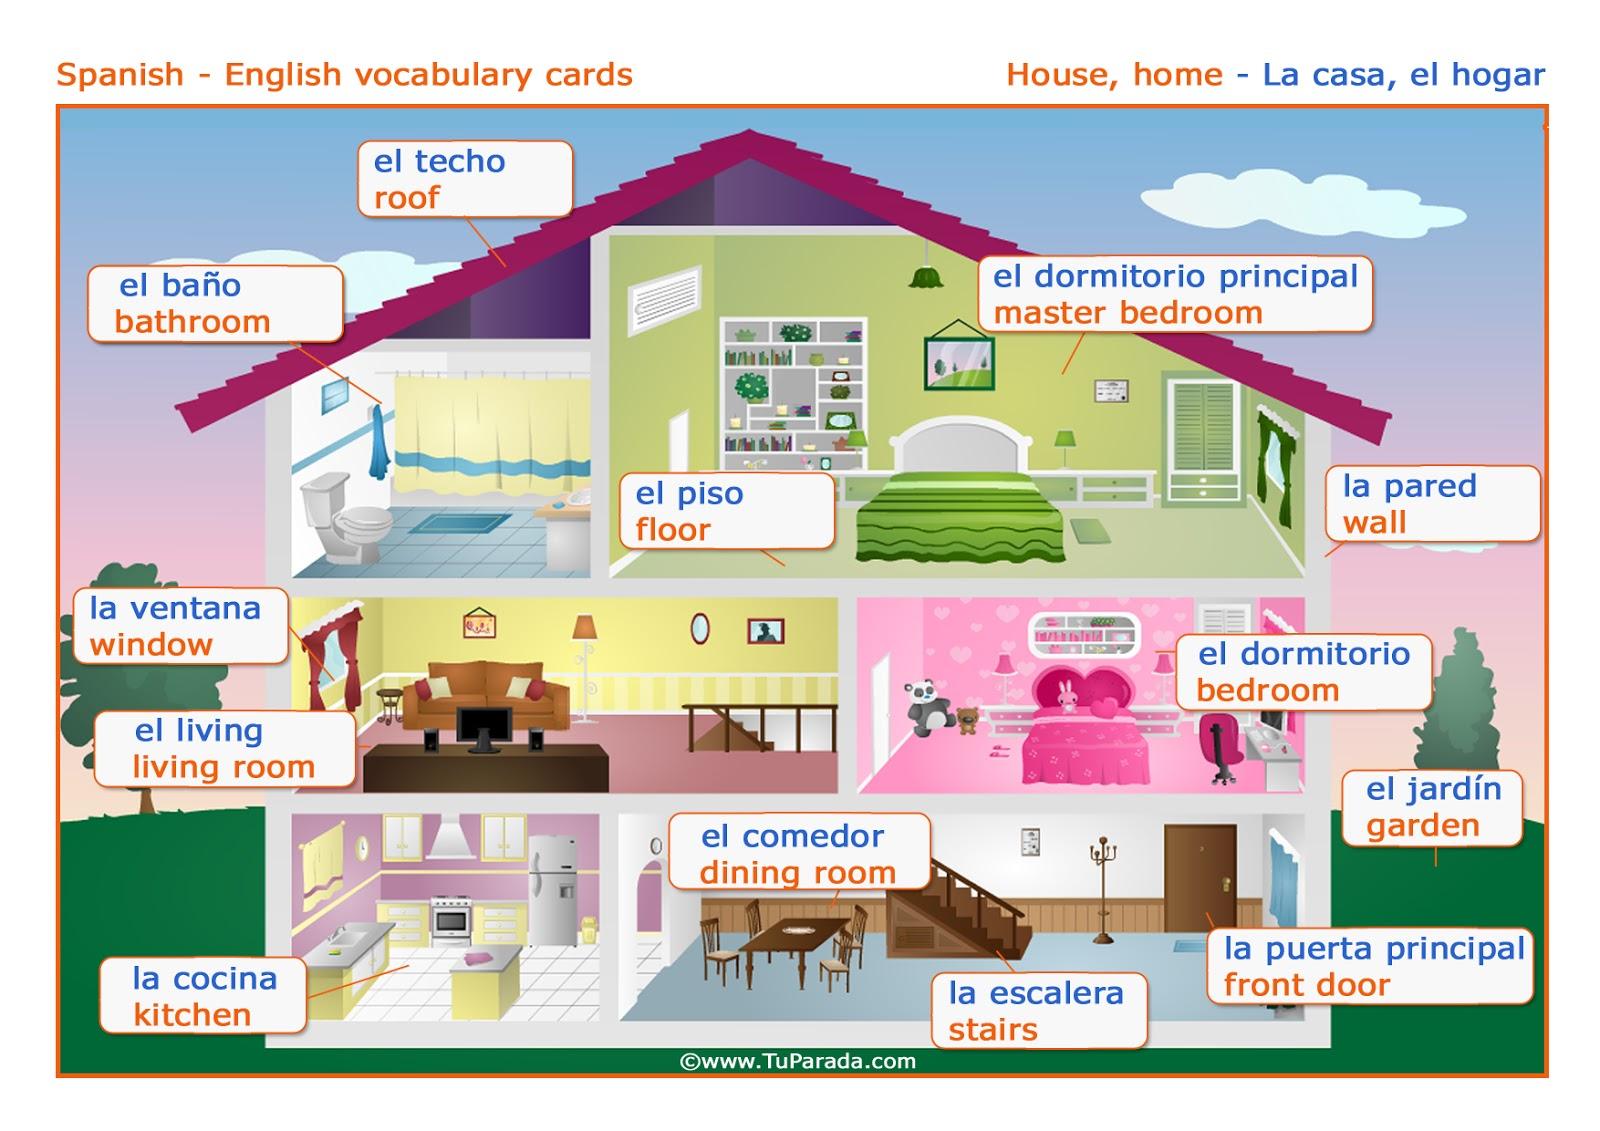 Hispan simo 4 describir su casa plano de una casa for Comedor en ingles